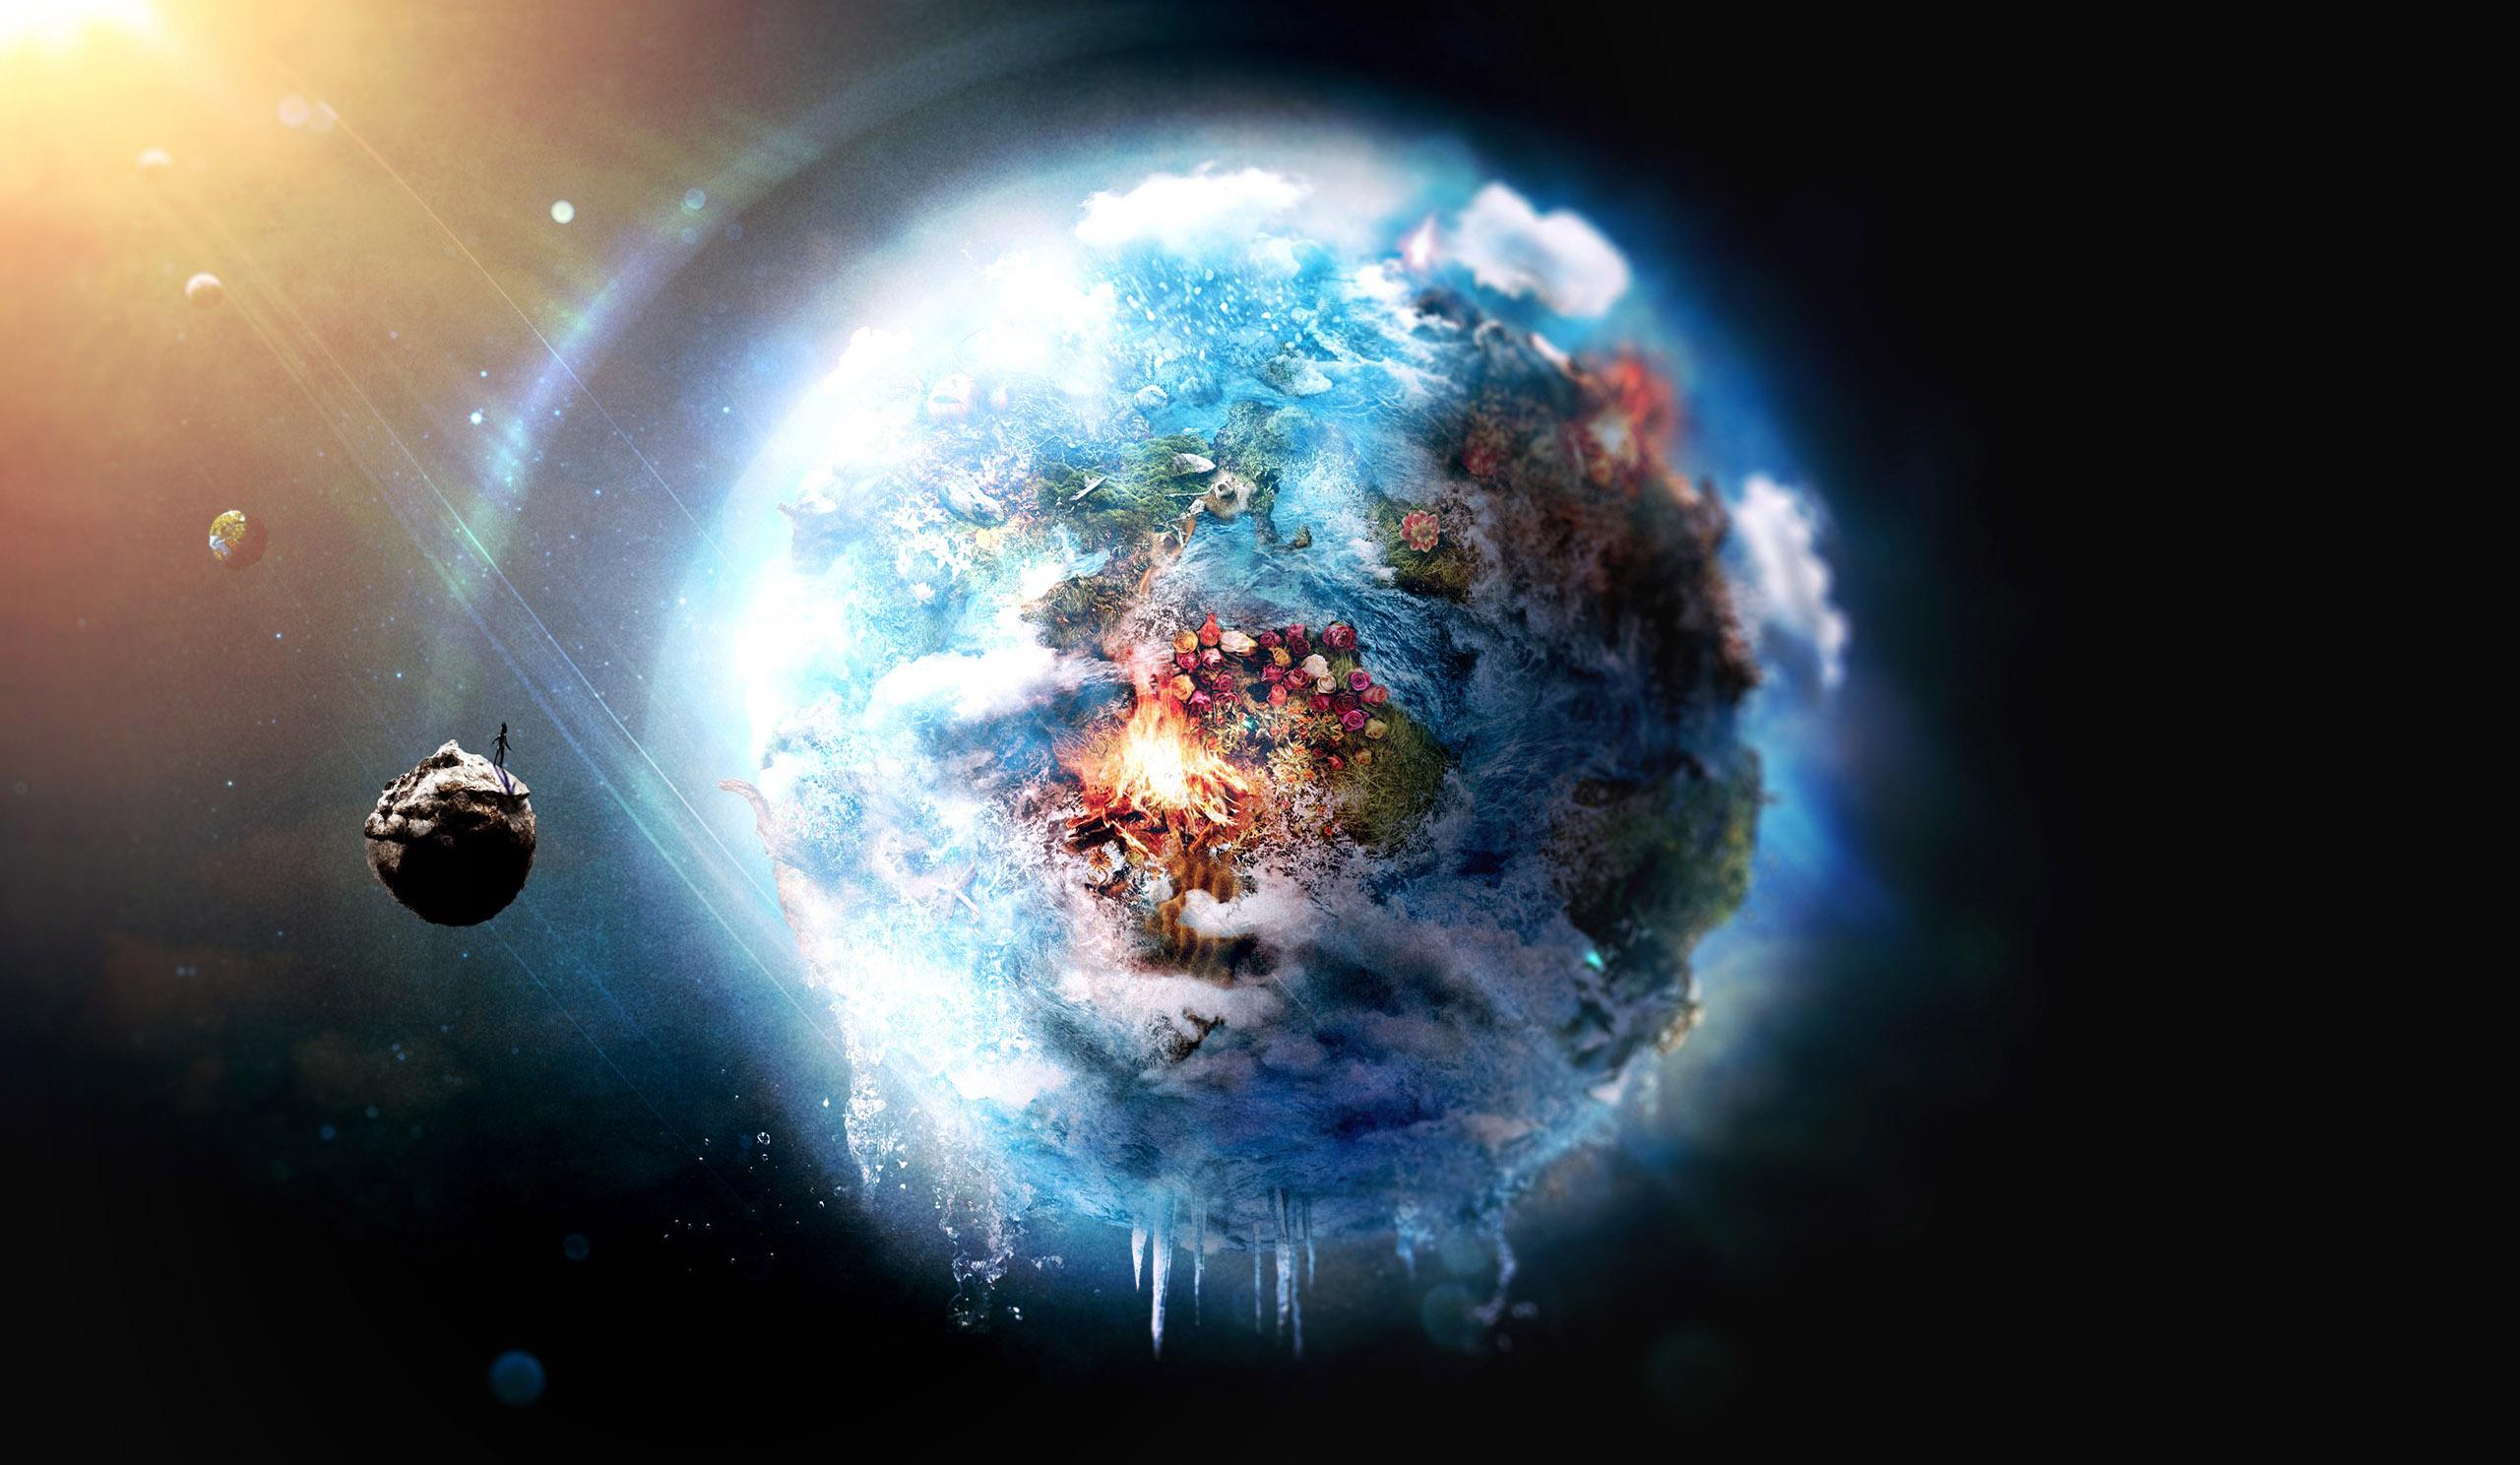 Tapety Planeta Prostor Nebe Mlhovina Svet Atmosfera Vesmir